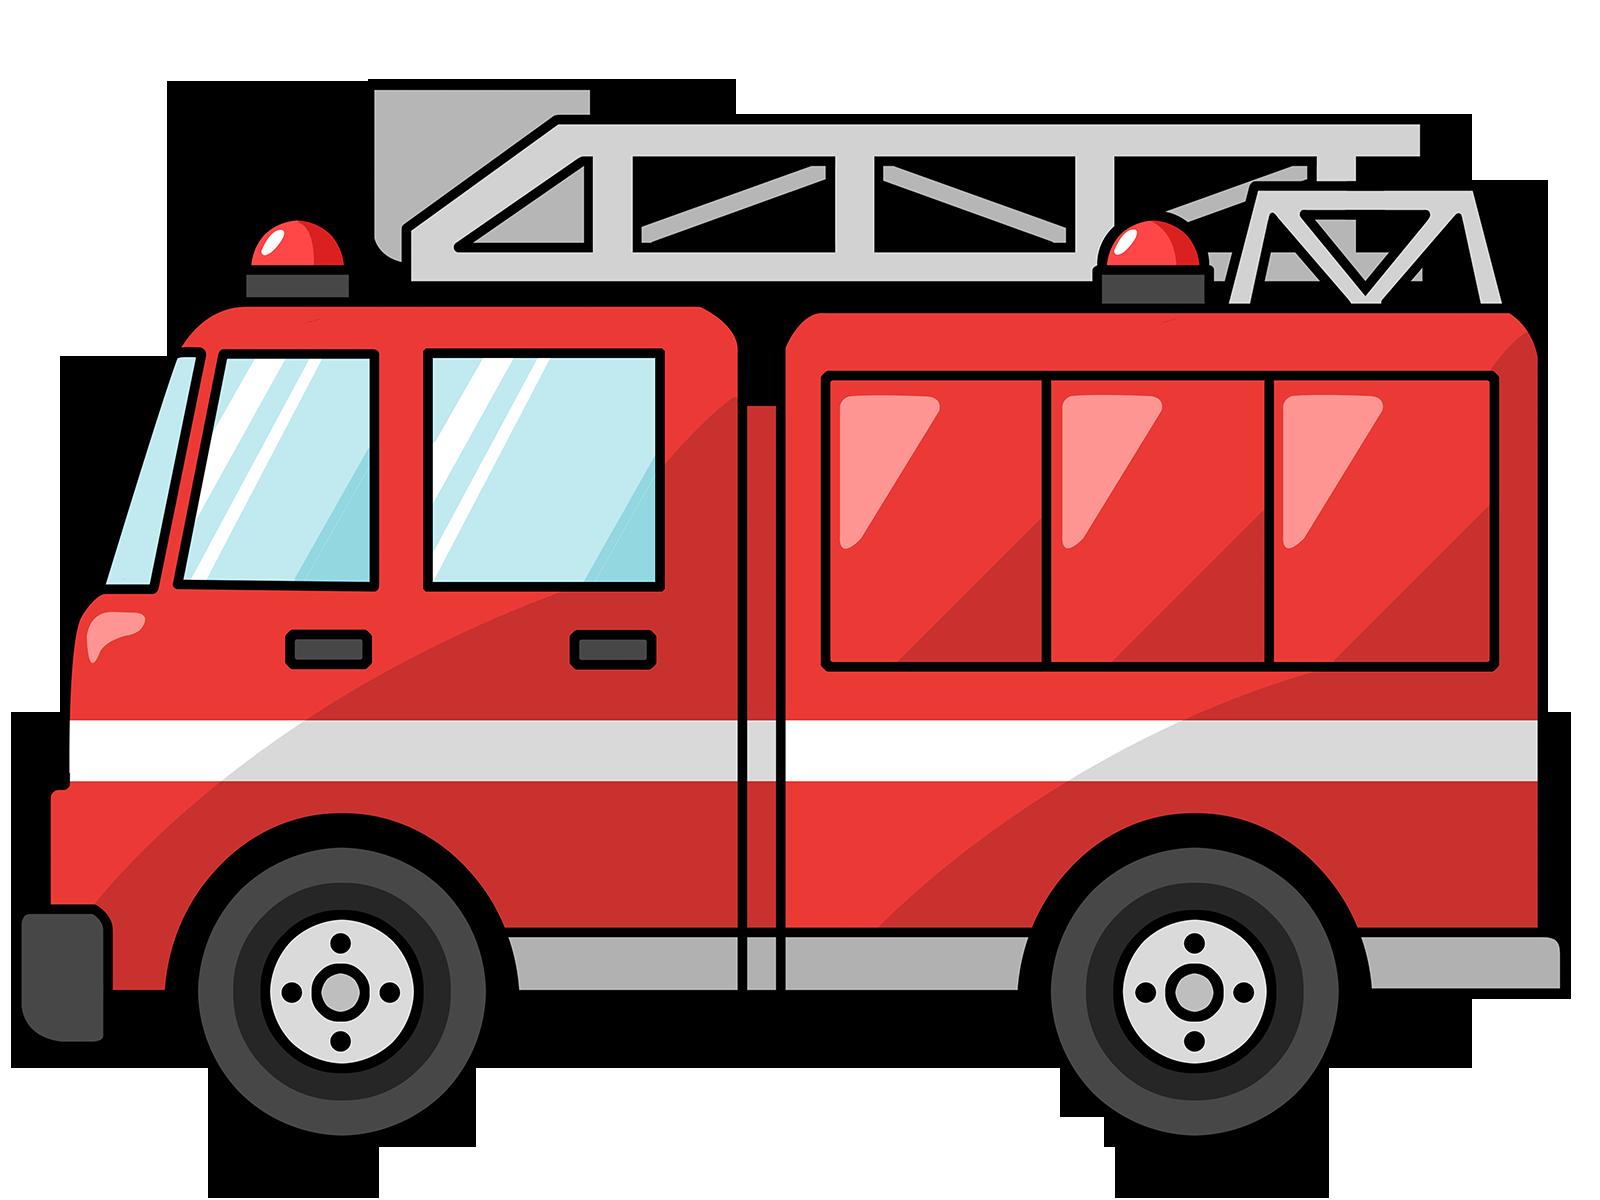 fire truck clipart - google